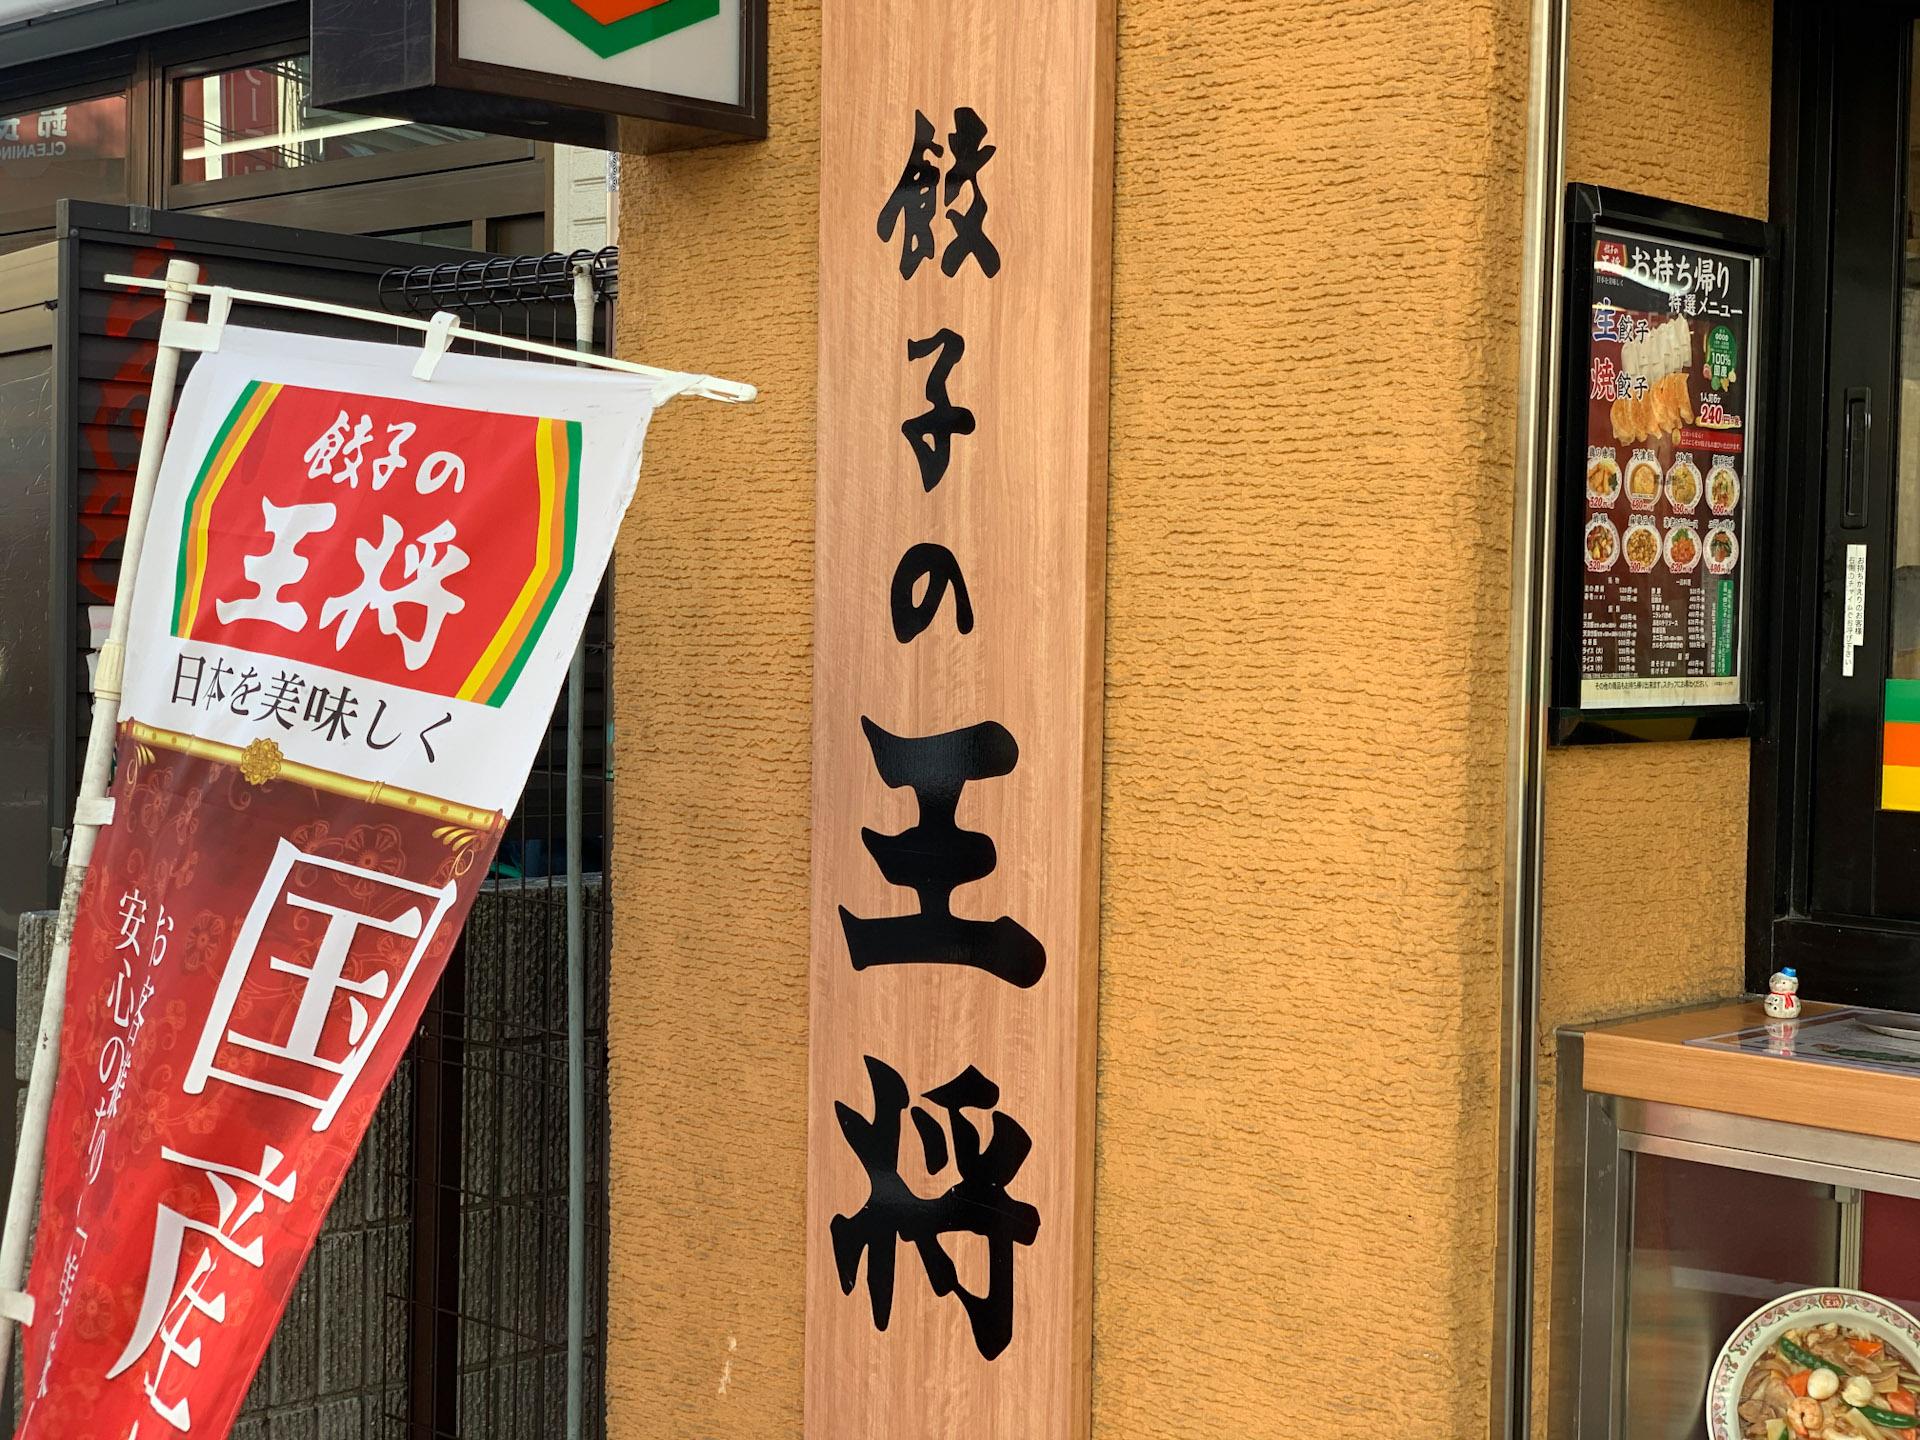 餃子の王将のから揚げはマニア絶賛の逸品!「魔法の粉」で食べたい人気商品とは